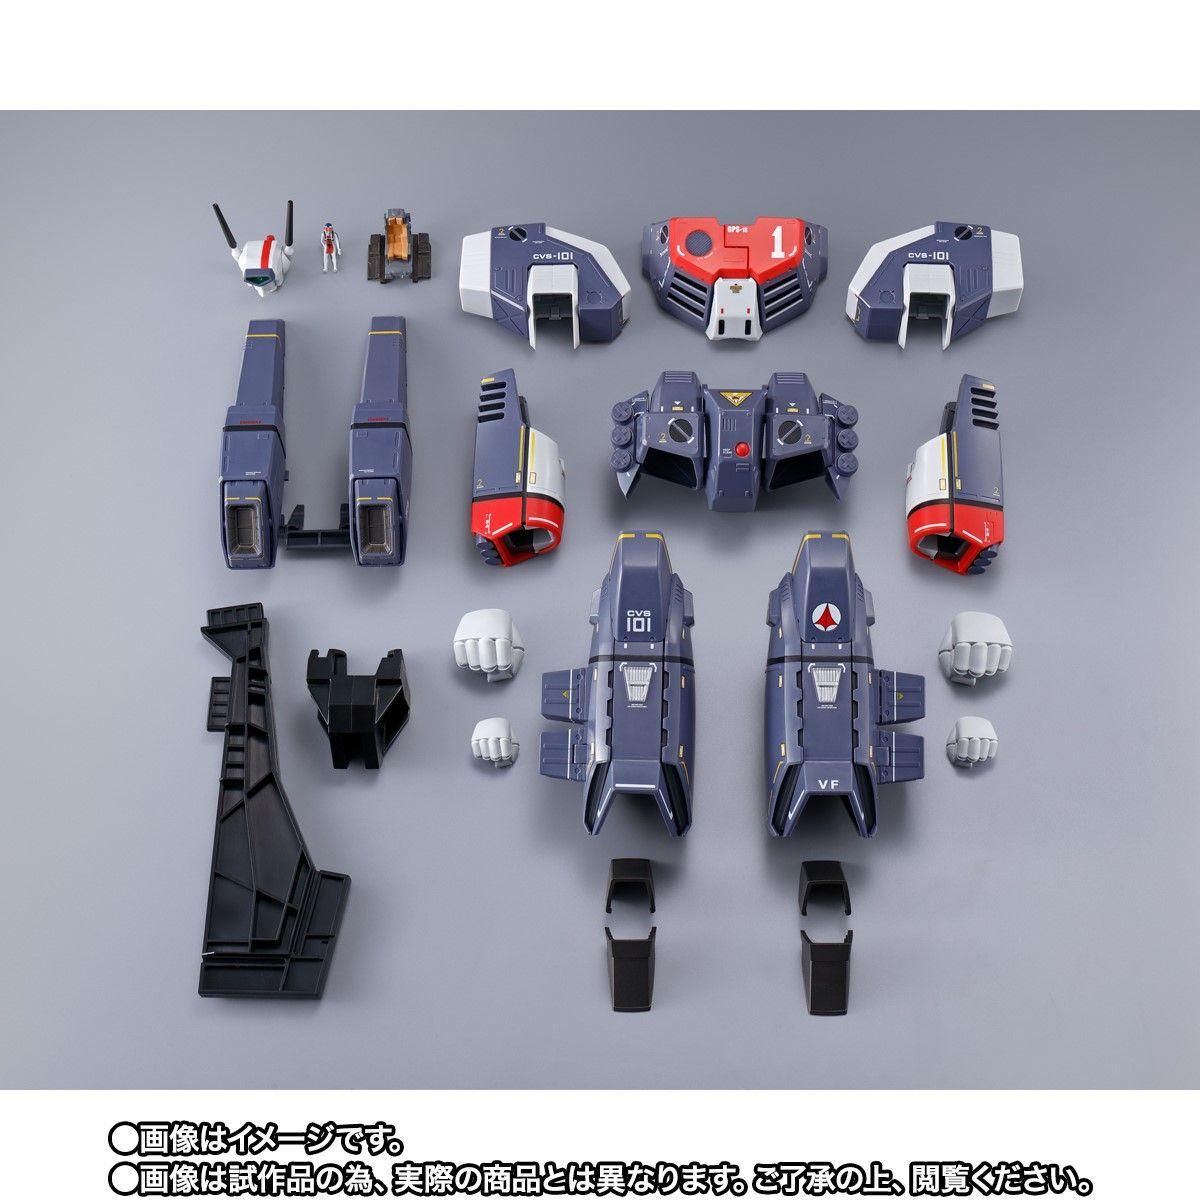 【限定販売】DX超合金『VF-1J対応アーマードパーツセット』超時空要塞マクロス オプションパーツ-006